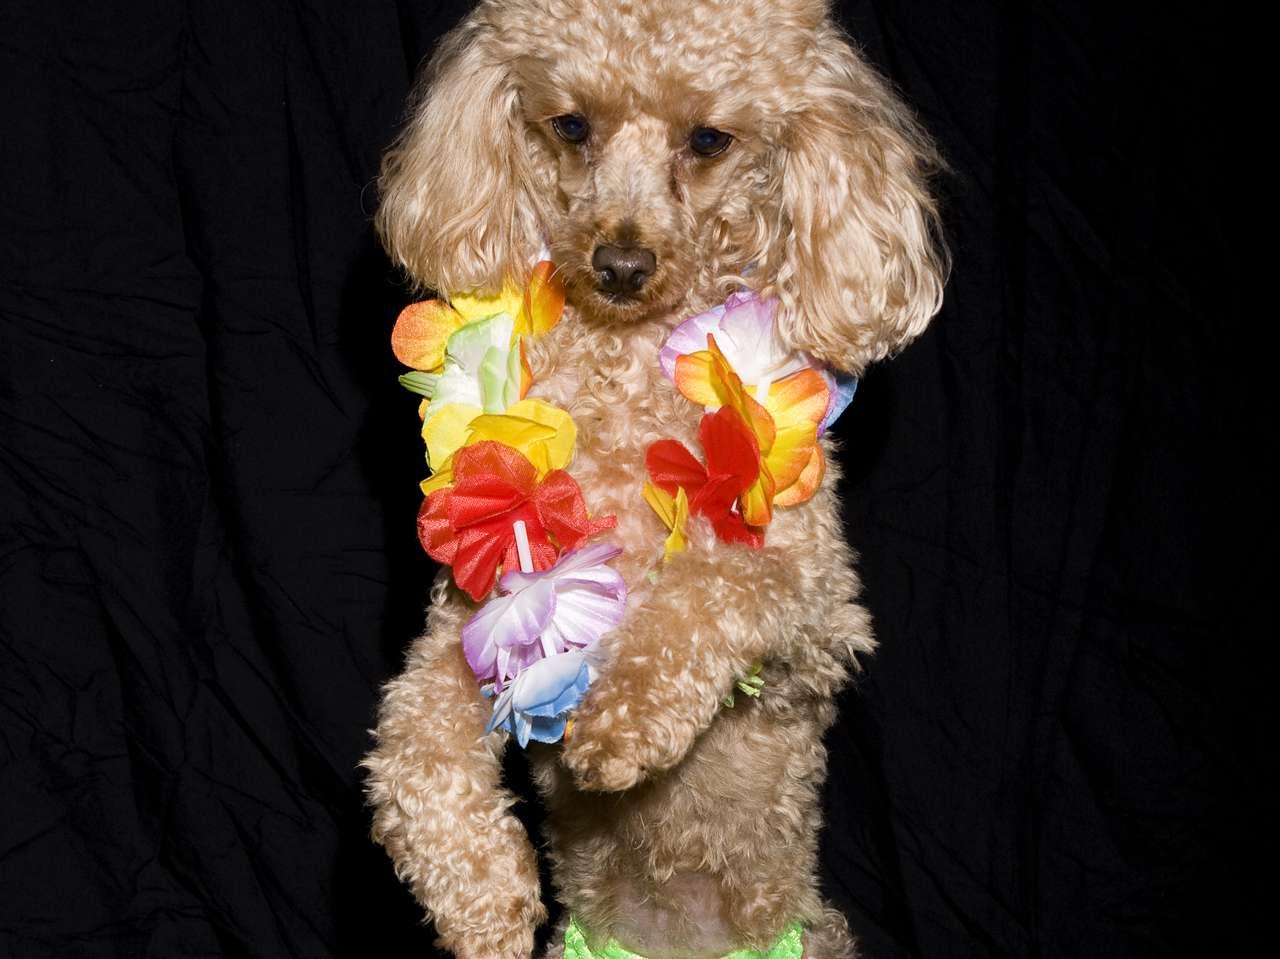 Los perros caminan en dos patas y con un poco de música son estrellas de Youtube. Foto: iStockphoto